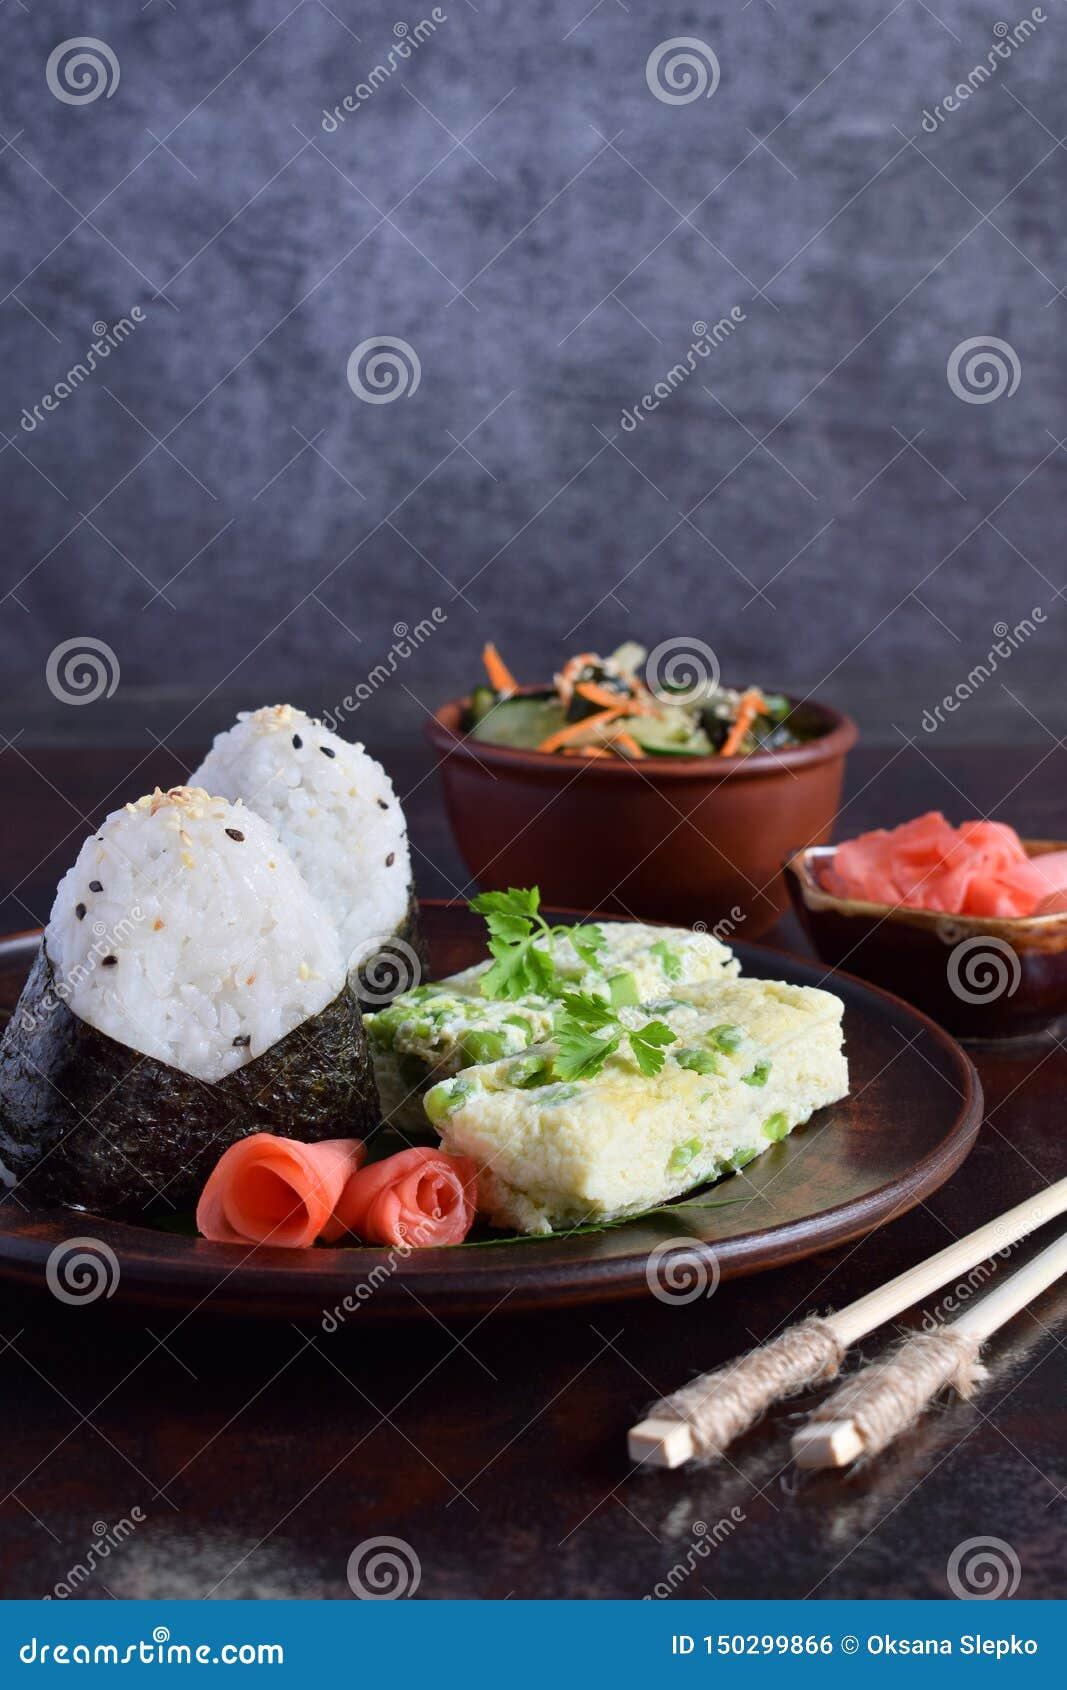 Blandning av japansk mat - ris klumpa ihop sig onigiri, omelett, den inlagda ingef?ran, sallad f?r sunomonowakamegurka och pinnar